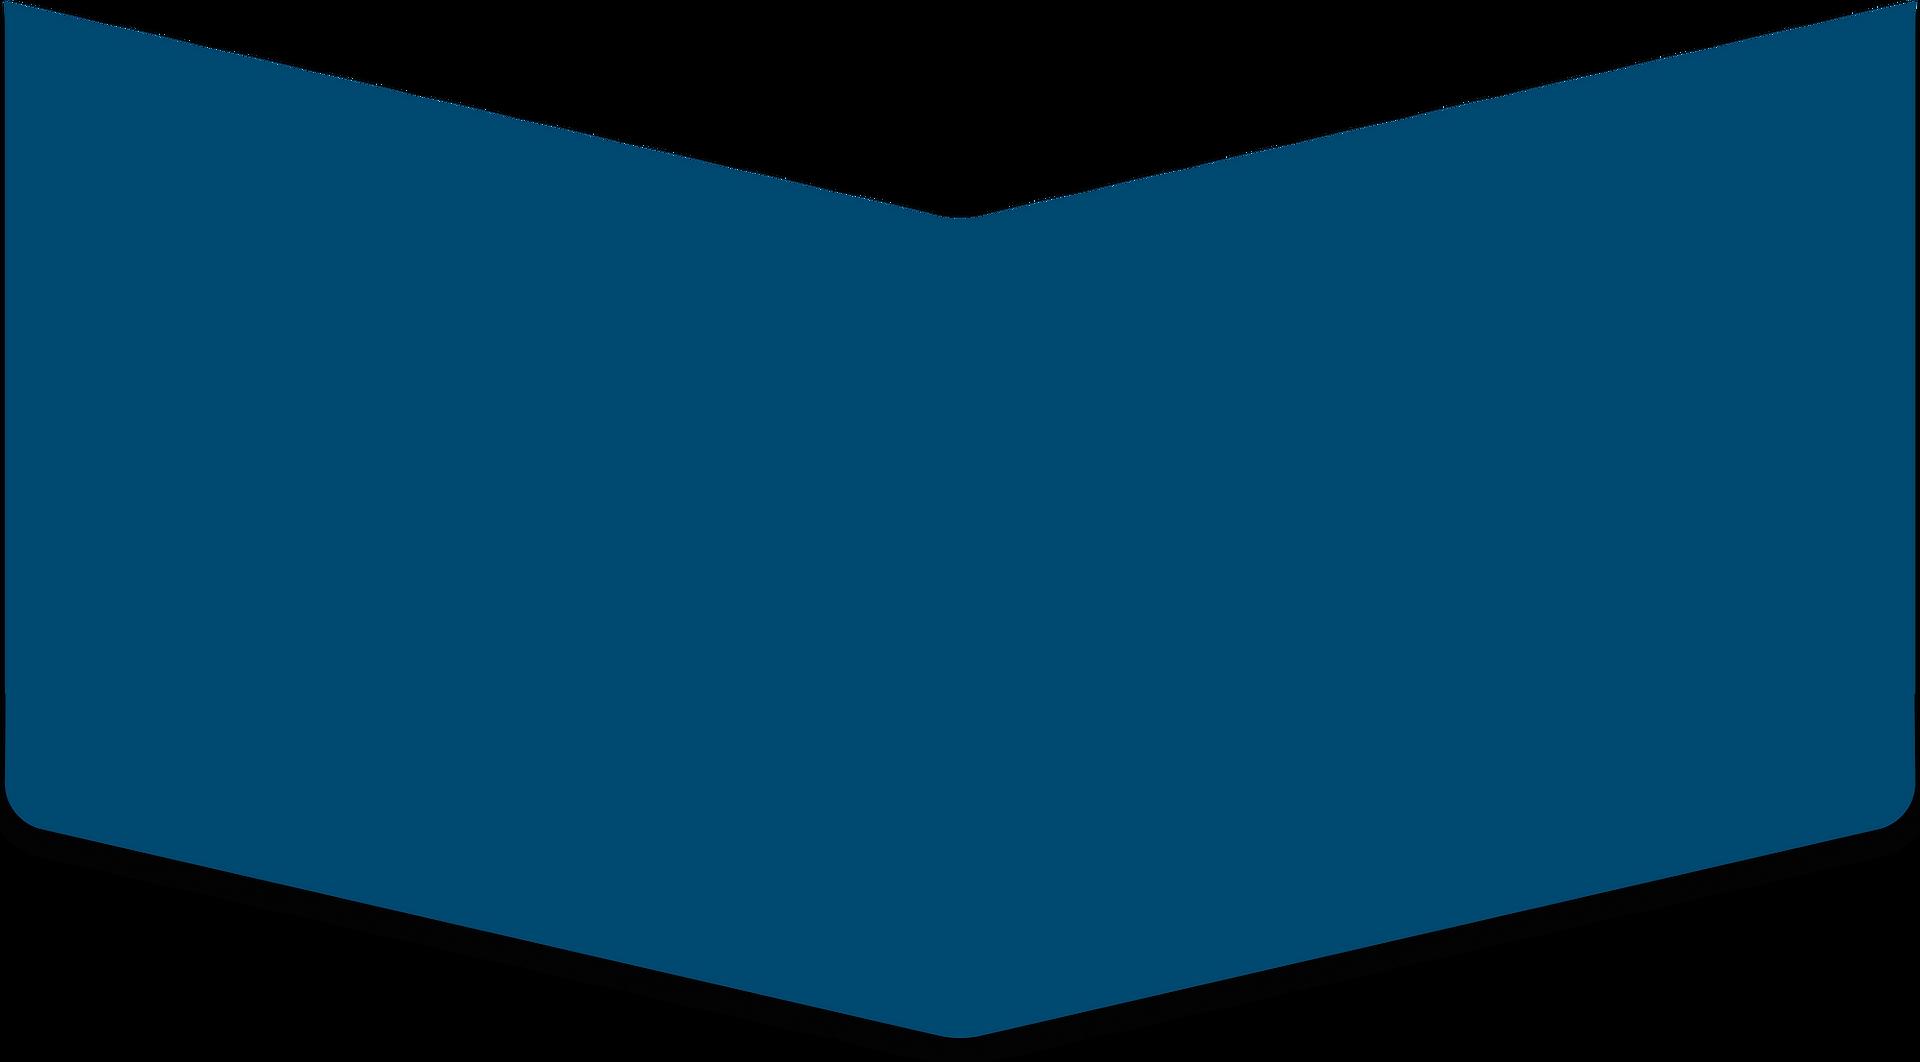 Salomons Groep Dronten V-vorm Blauw scha